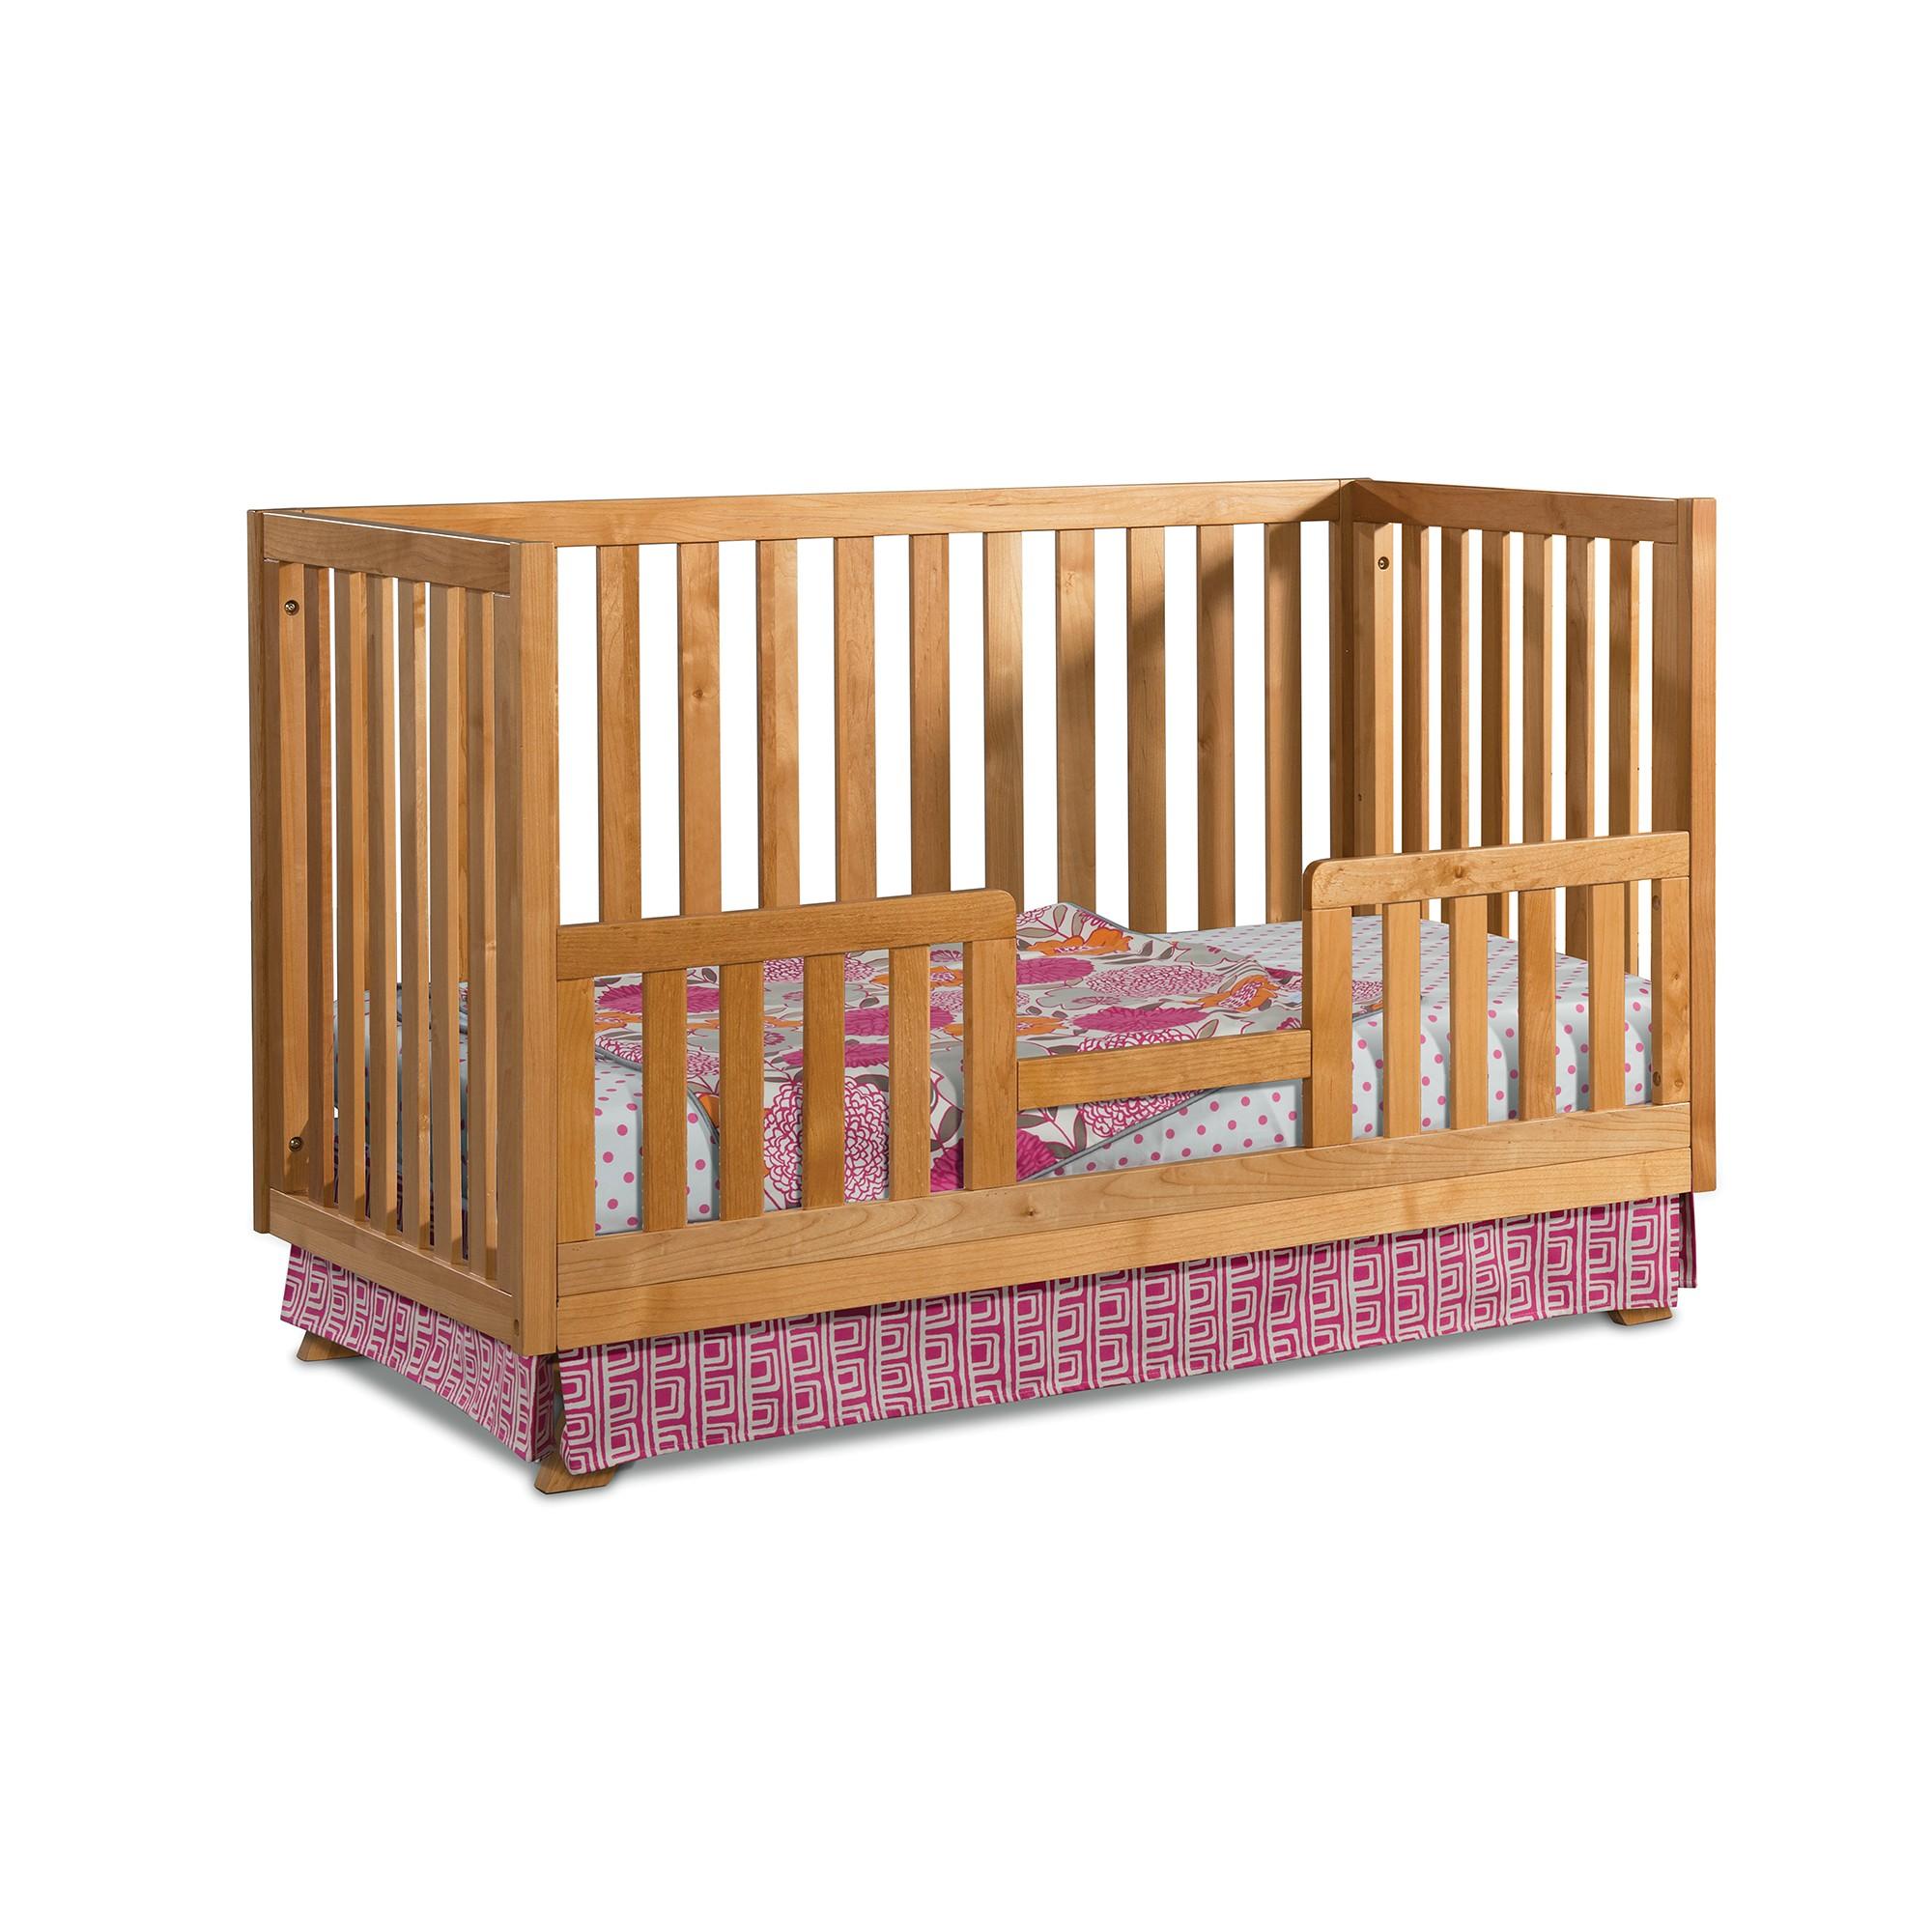 Baby cribs vietnam - 18